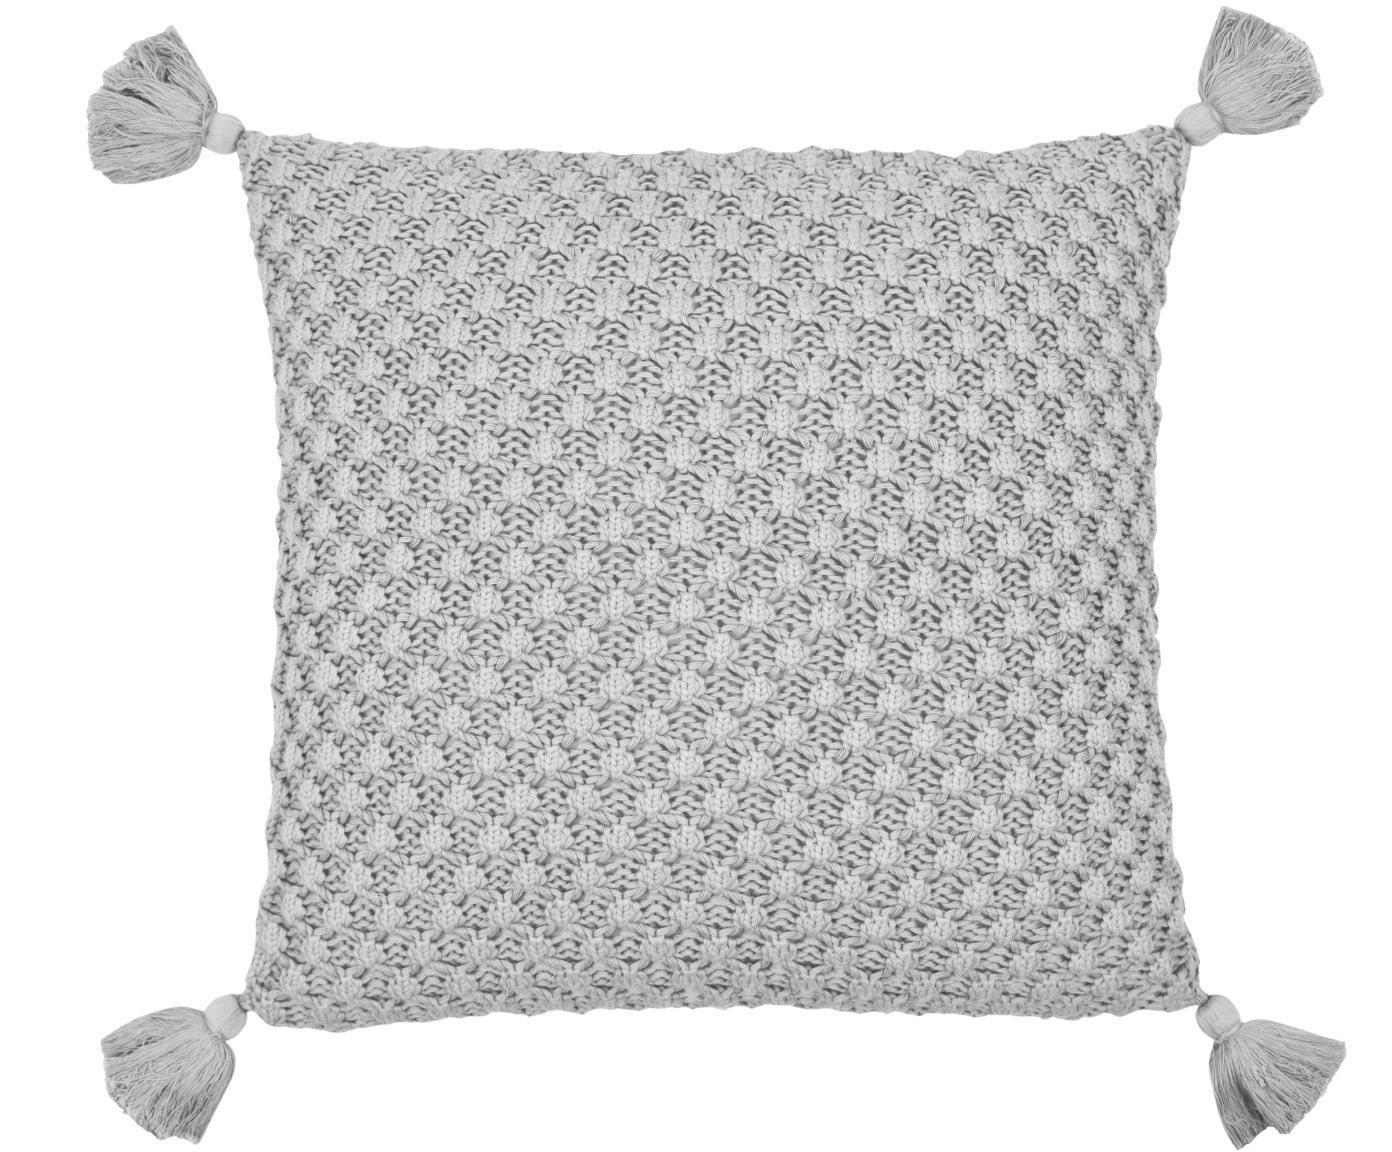 Poszewka na poduszkę z dzianiny Astrid, 100% bawełna, Szary, S 50 x D 50 cm